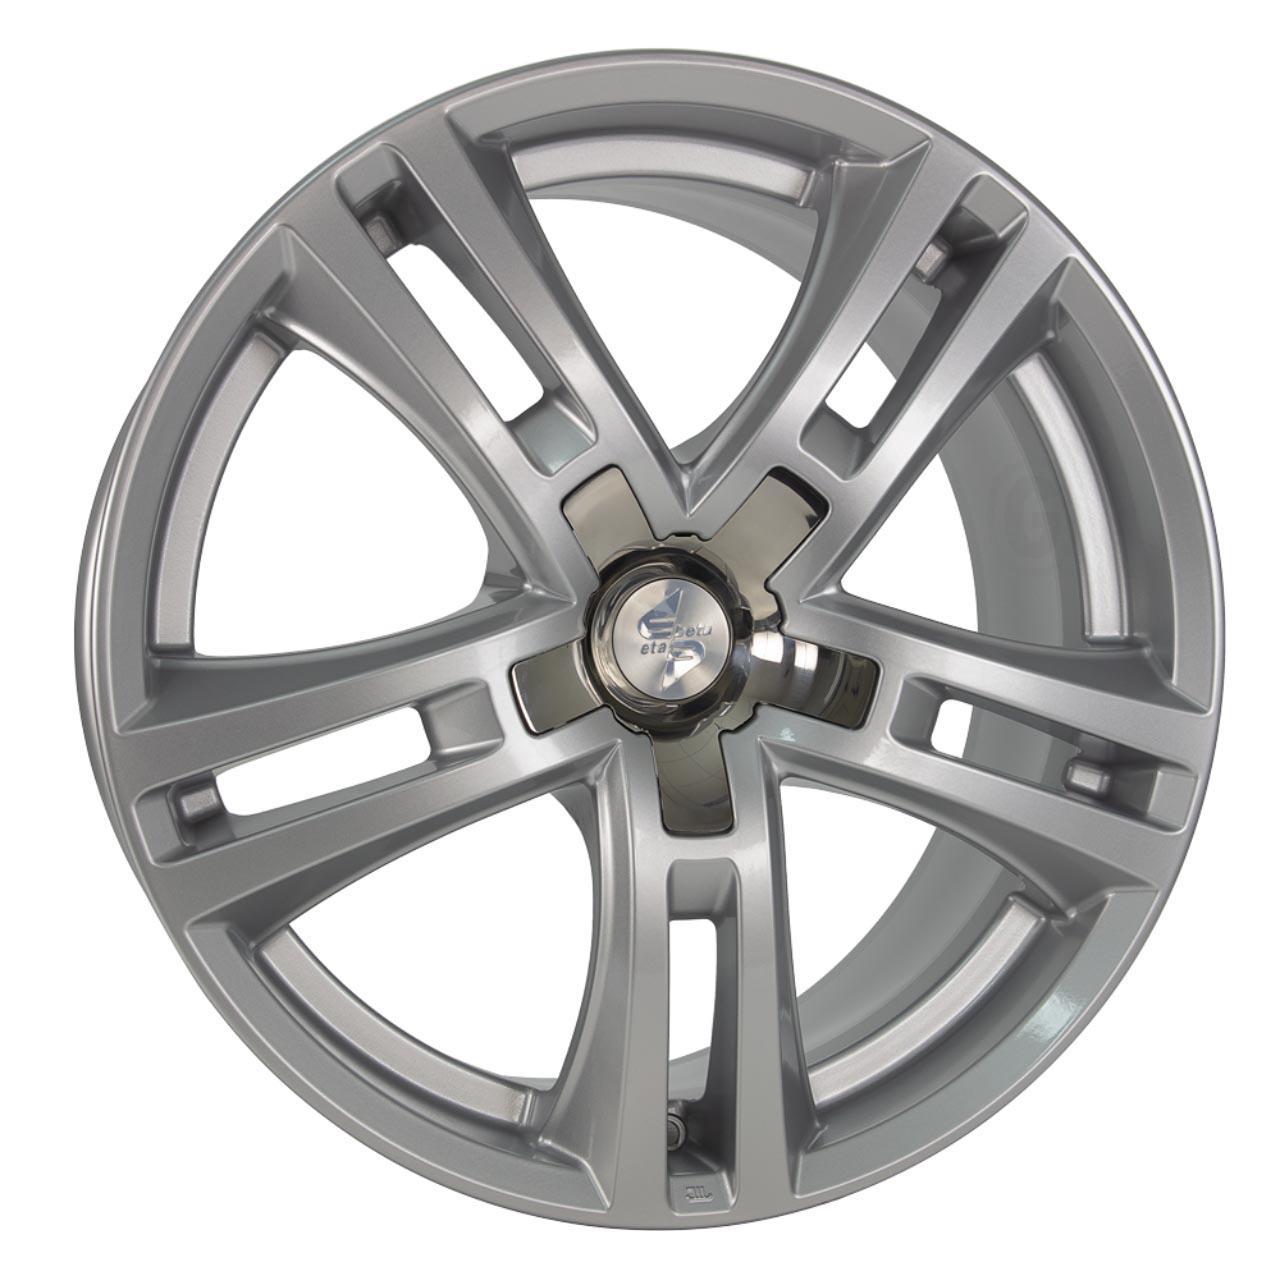 Etabeta Uriel Silver - inox cap 11x23 5x112 ET25